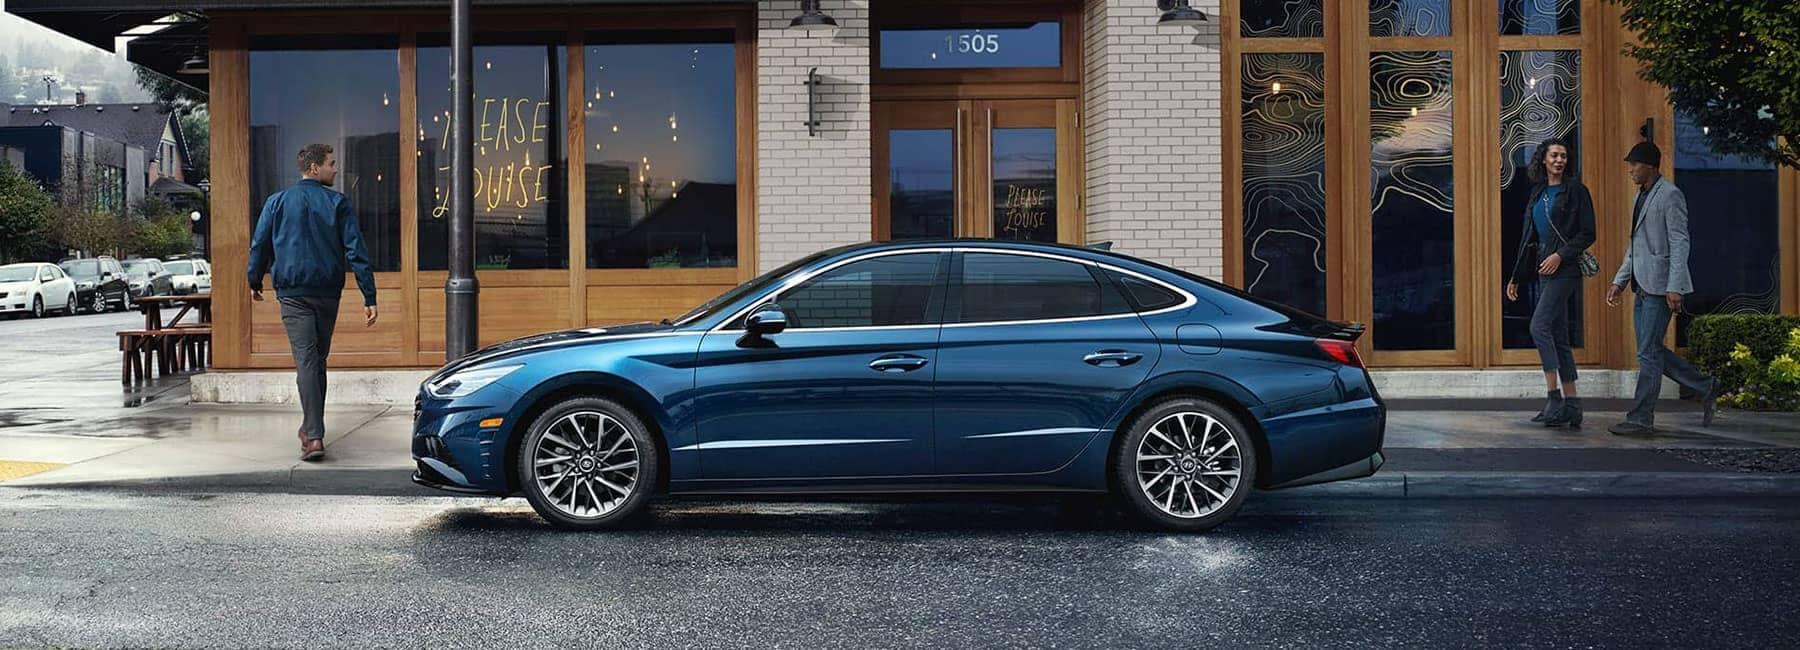 2020 Blue Hyundai Sonata sideview